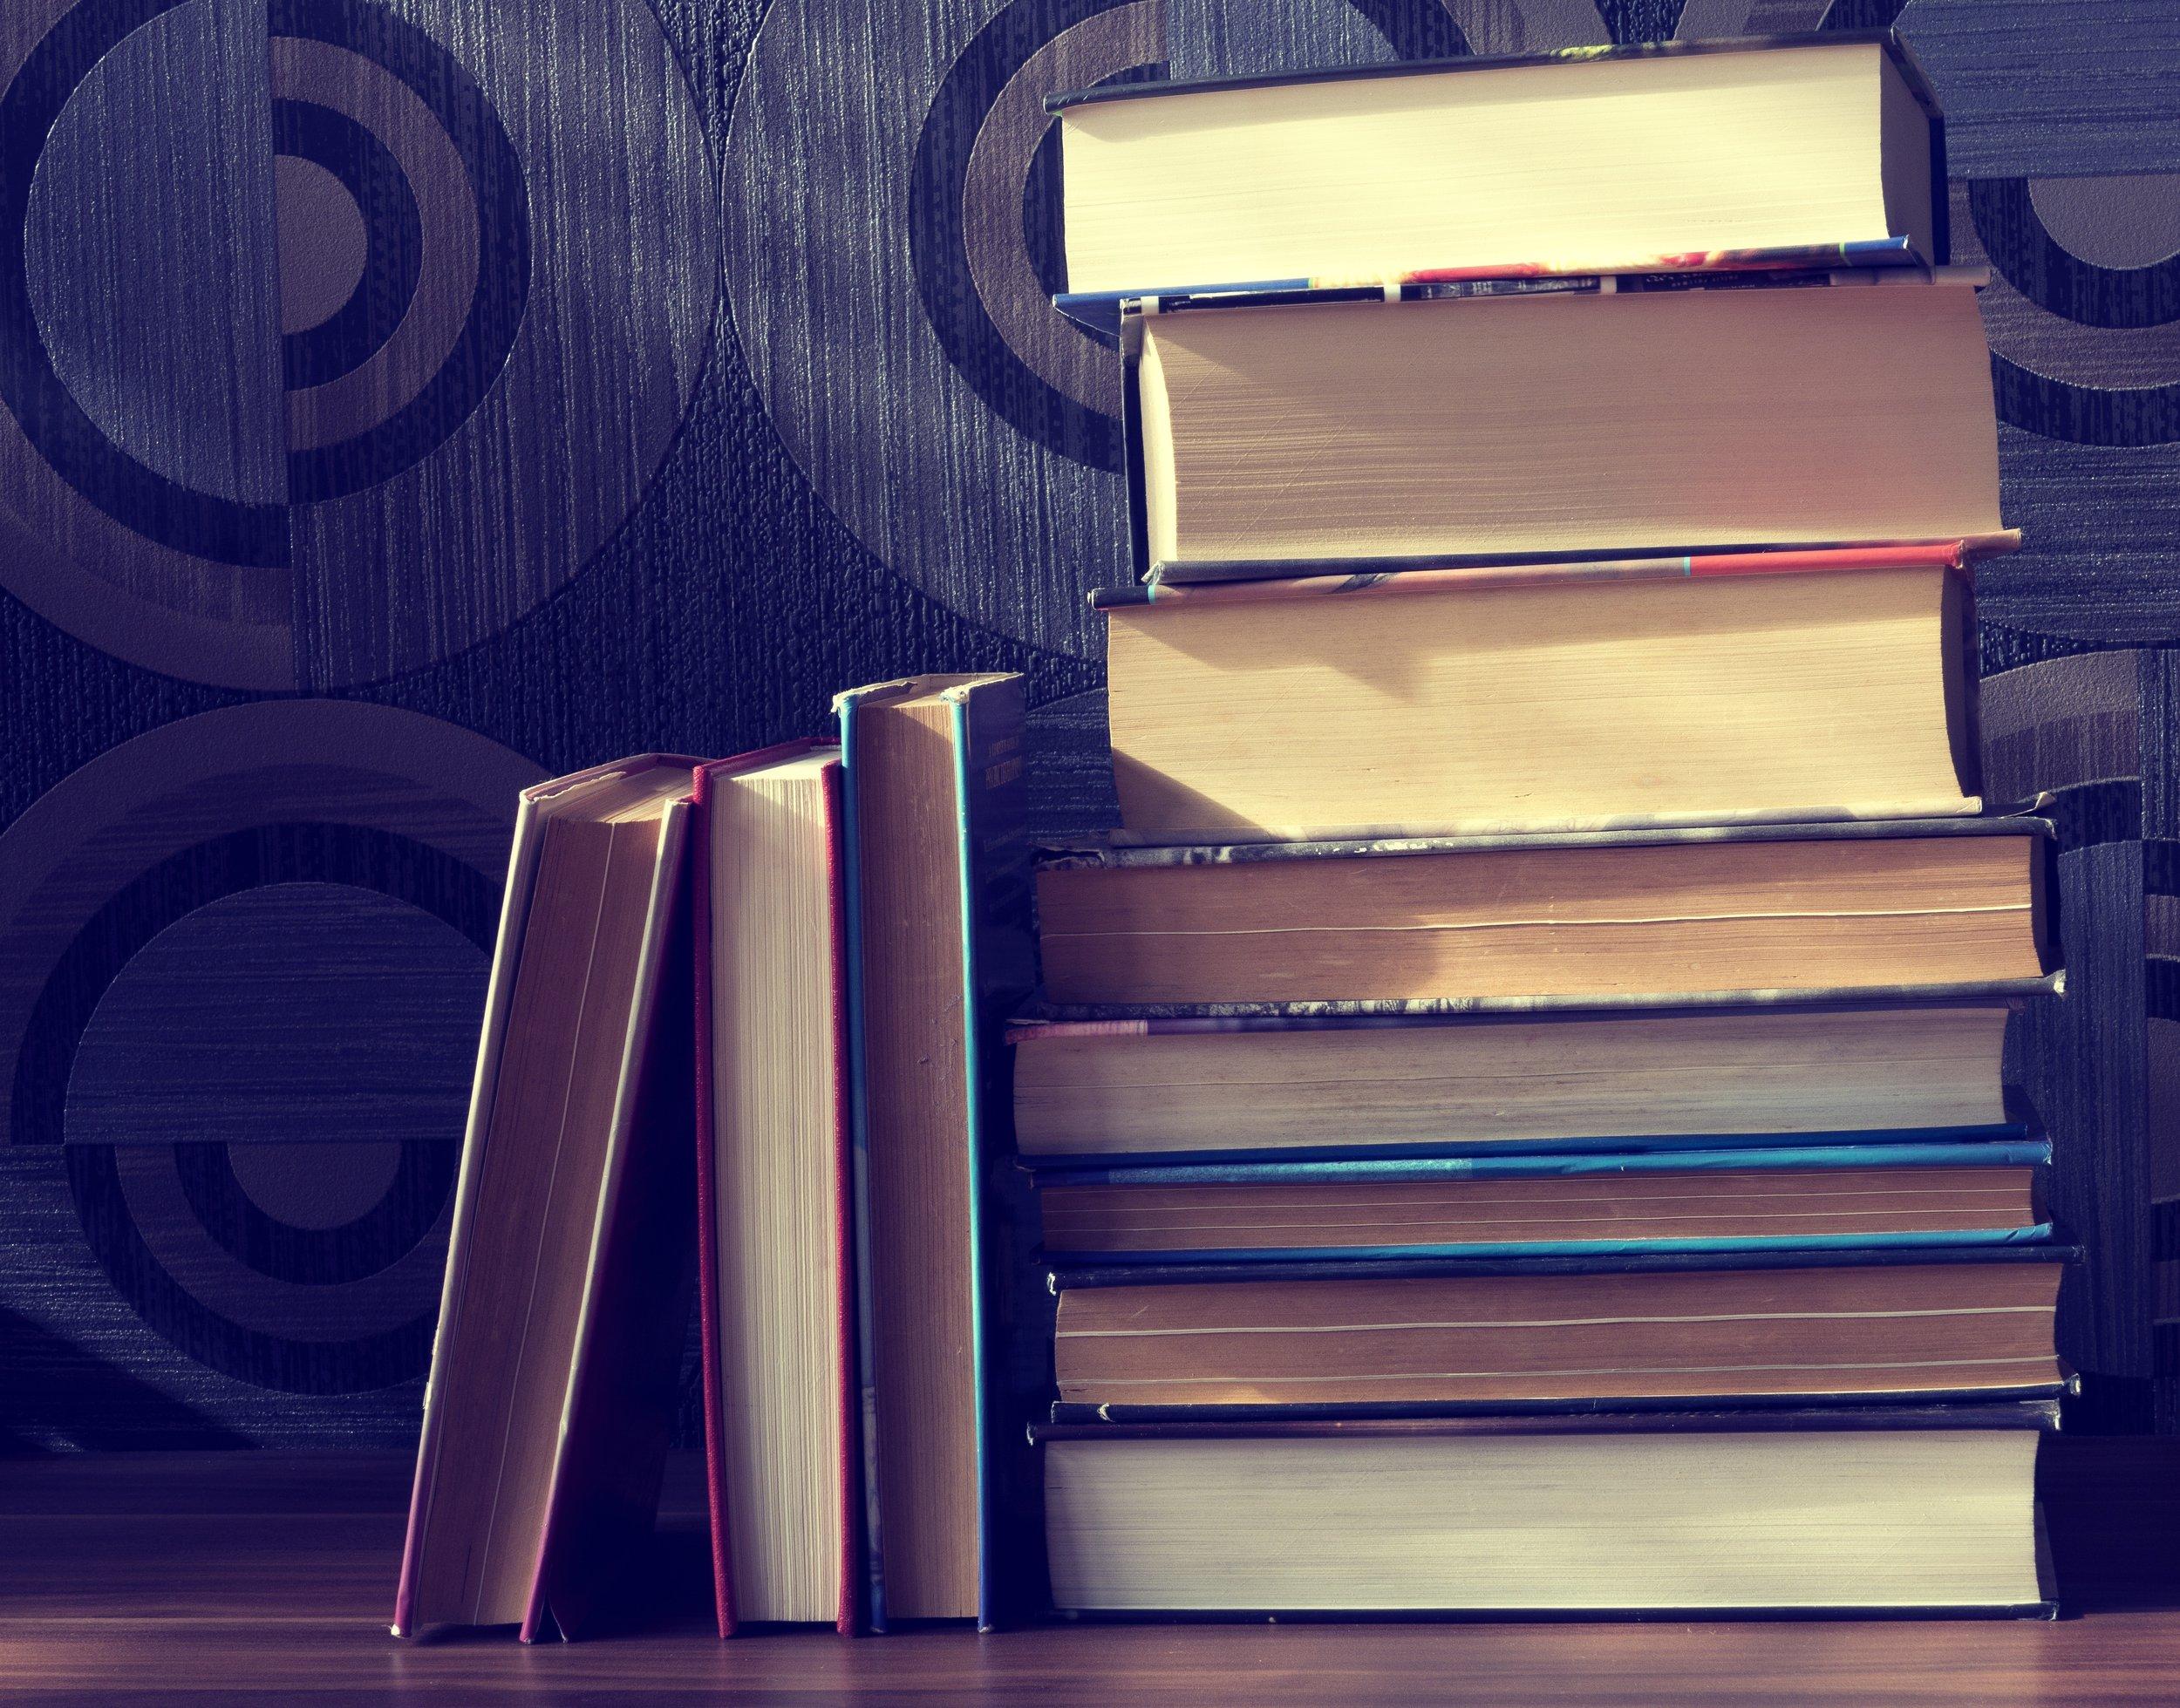 book-stack-books-classic-158834.jpg